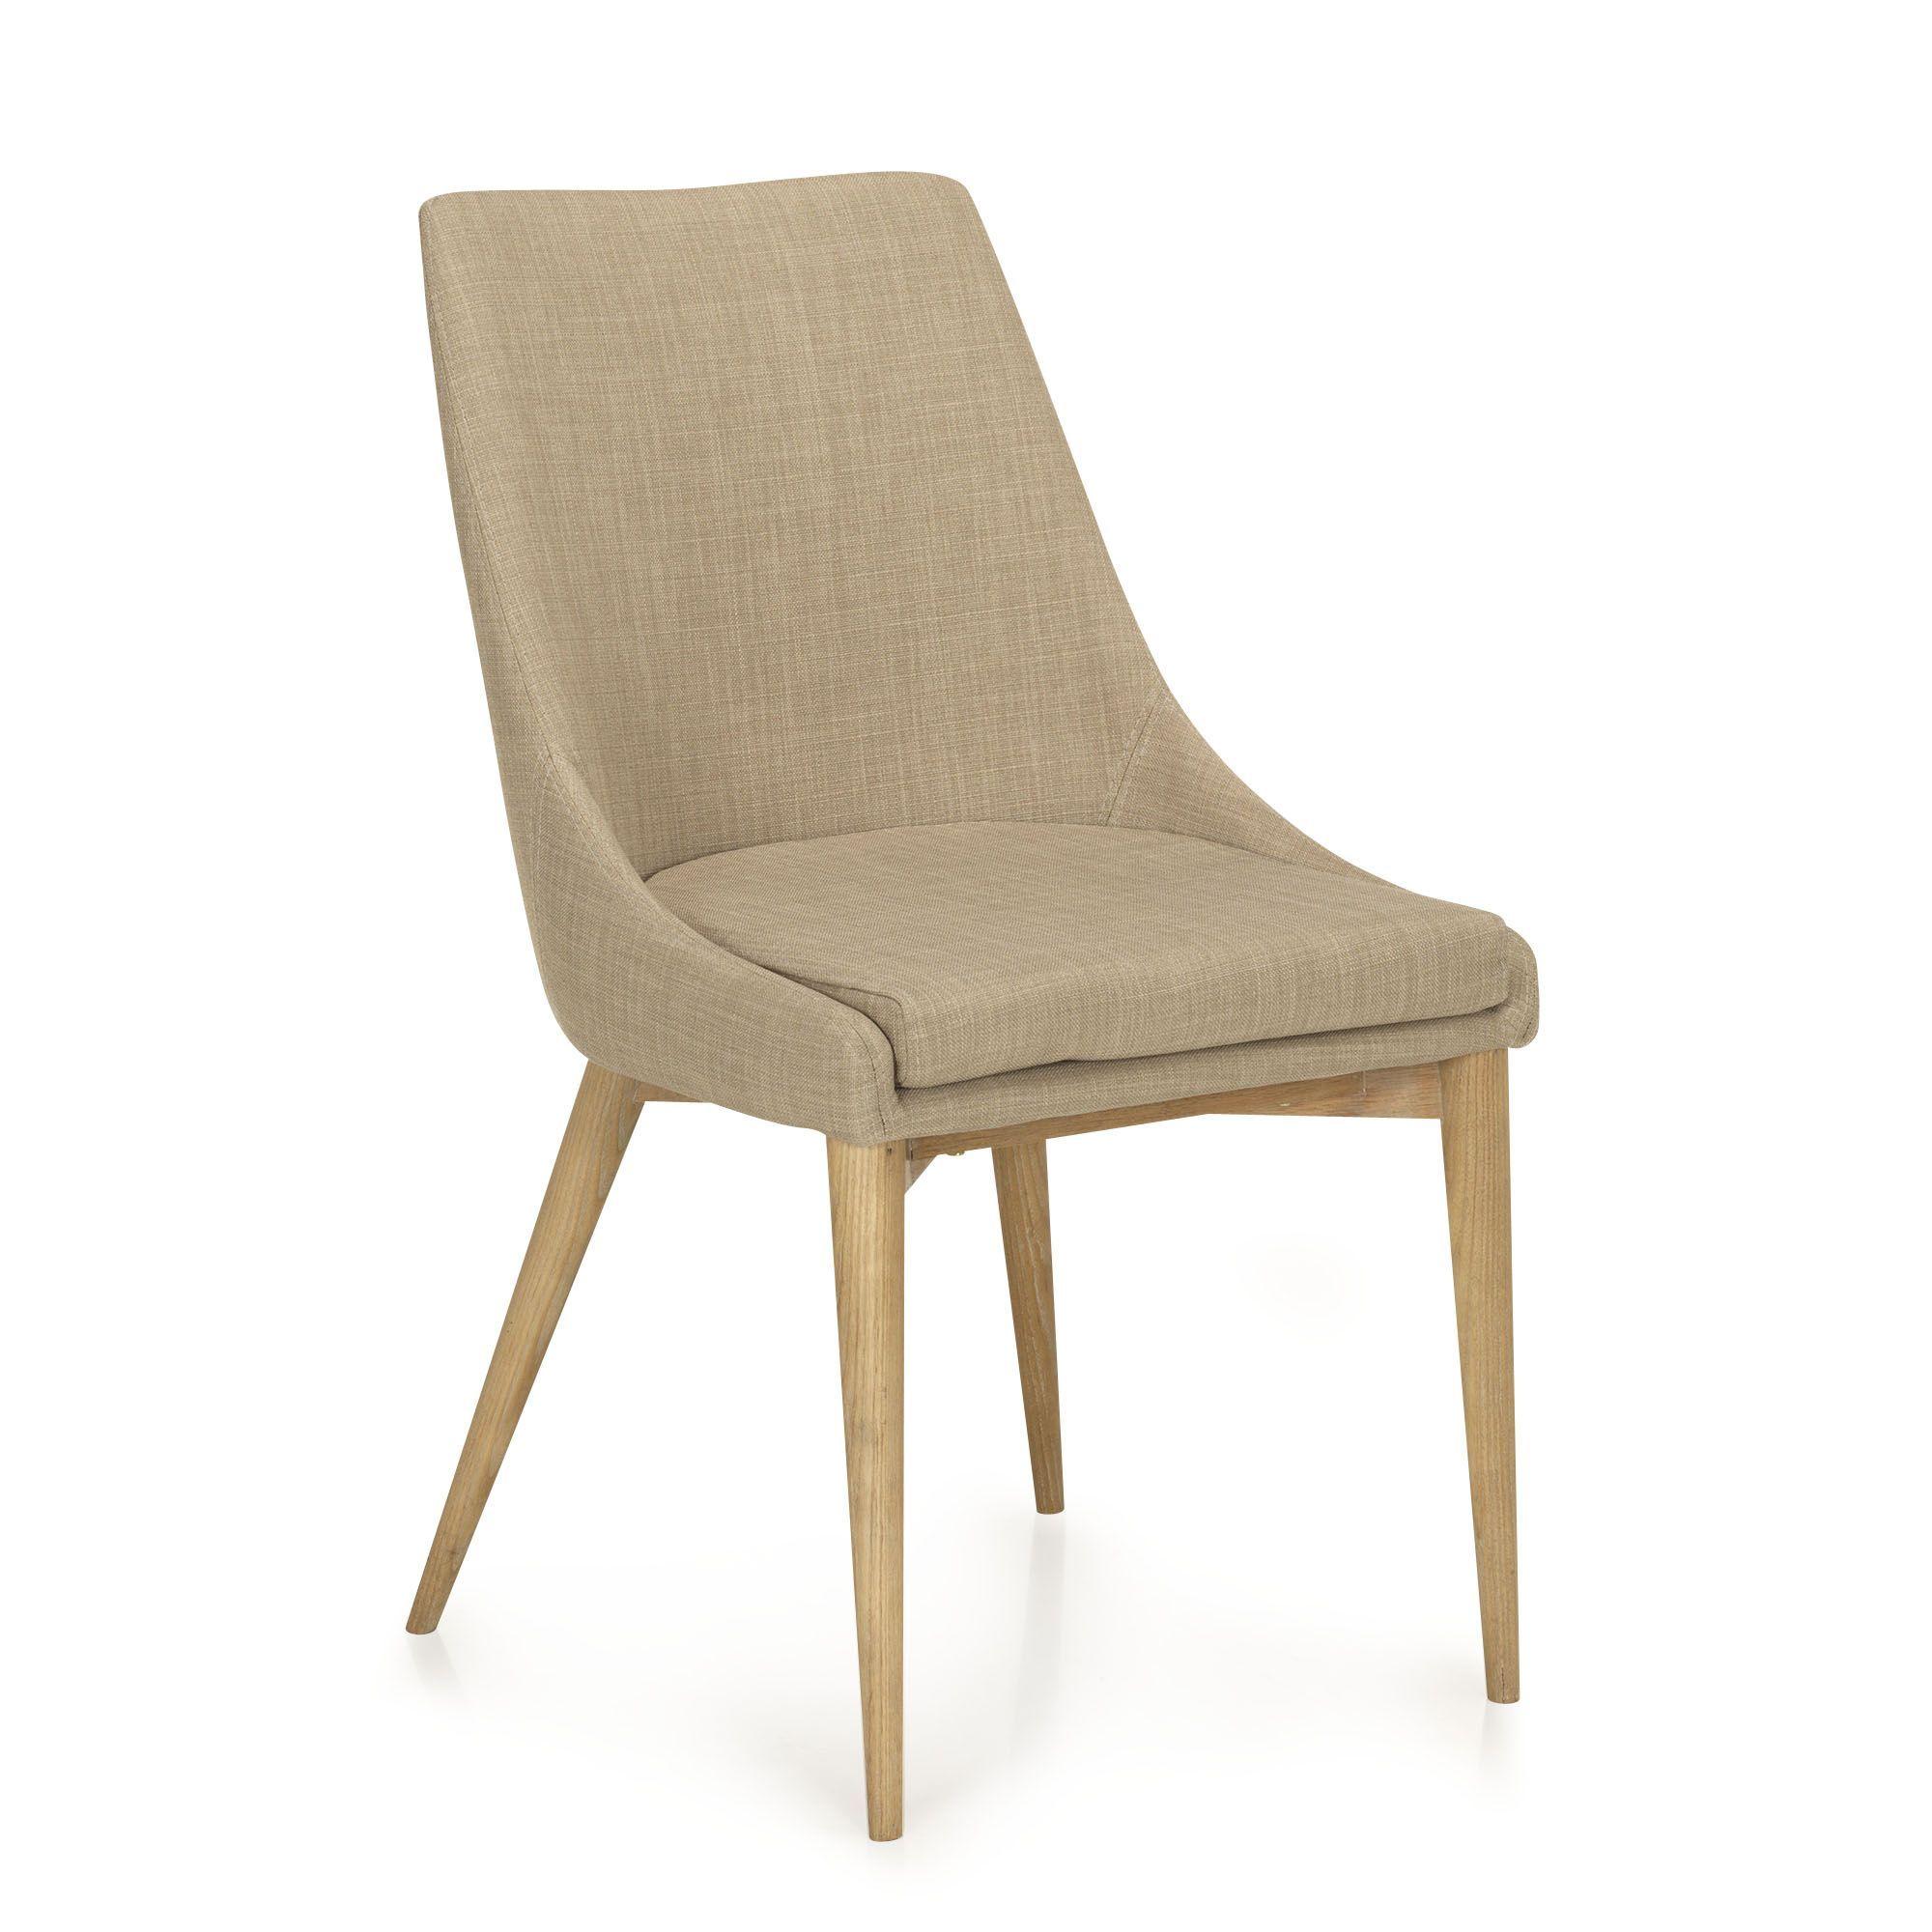 Chaise en hévéa et frêne beige esprit retro - Abby - Chaises-Tables ...